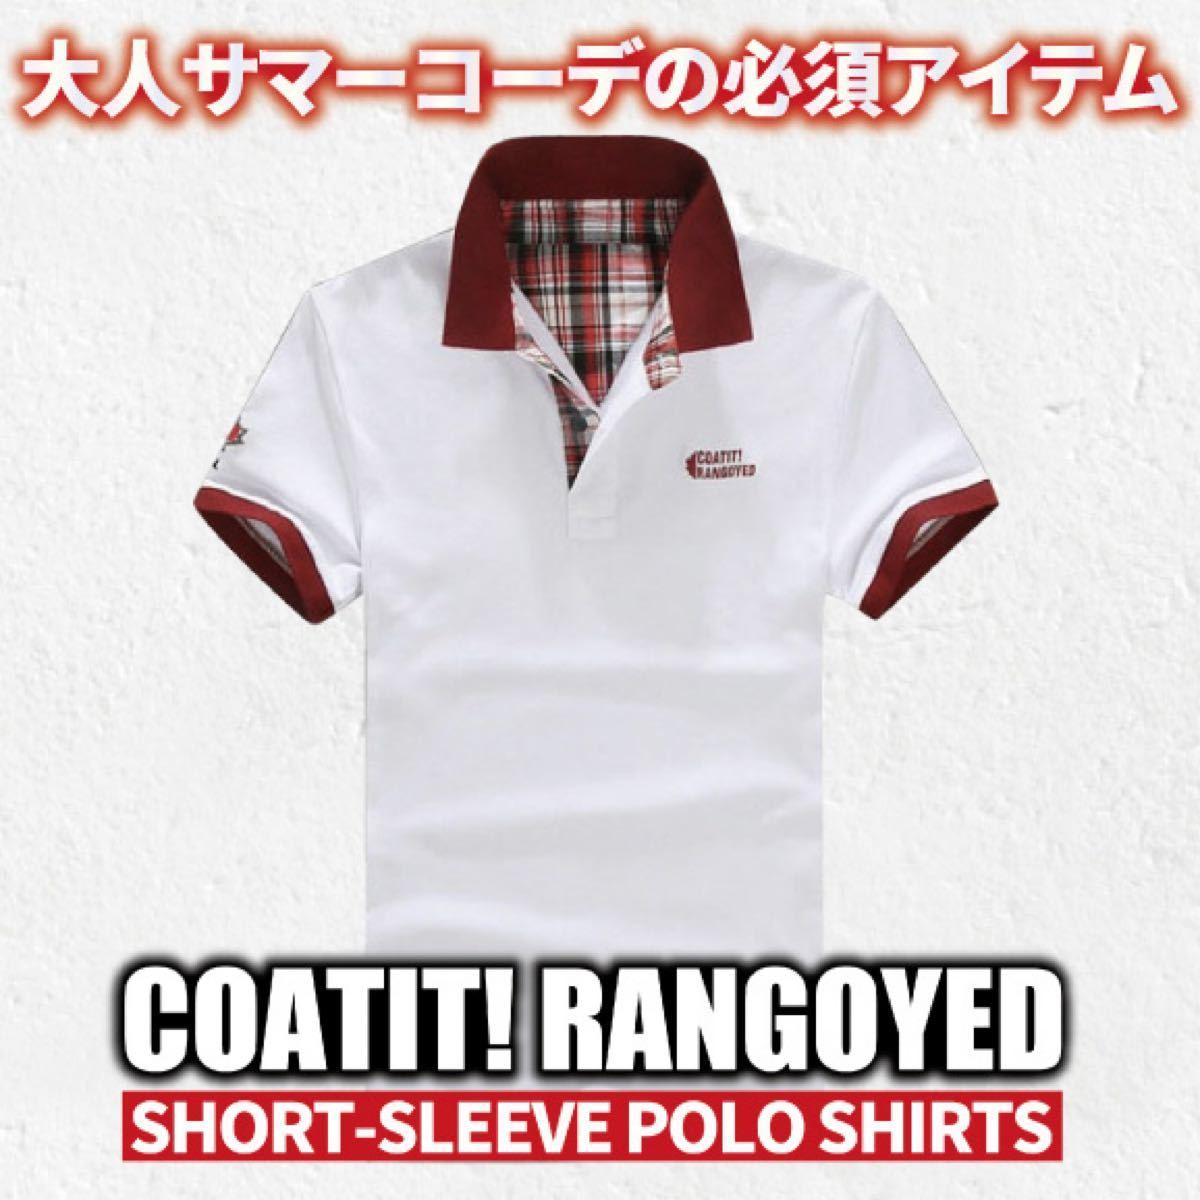 【ホワイト】ポロシャツ メンズ ゴルフウェア 半袖 おしゃれ